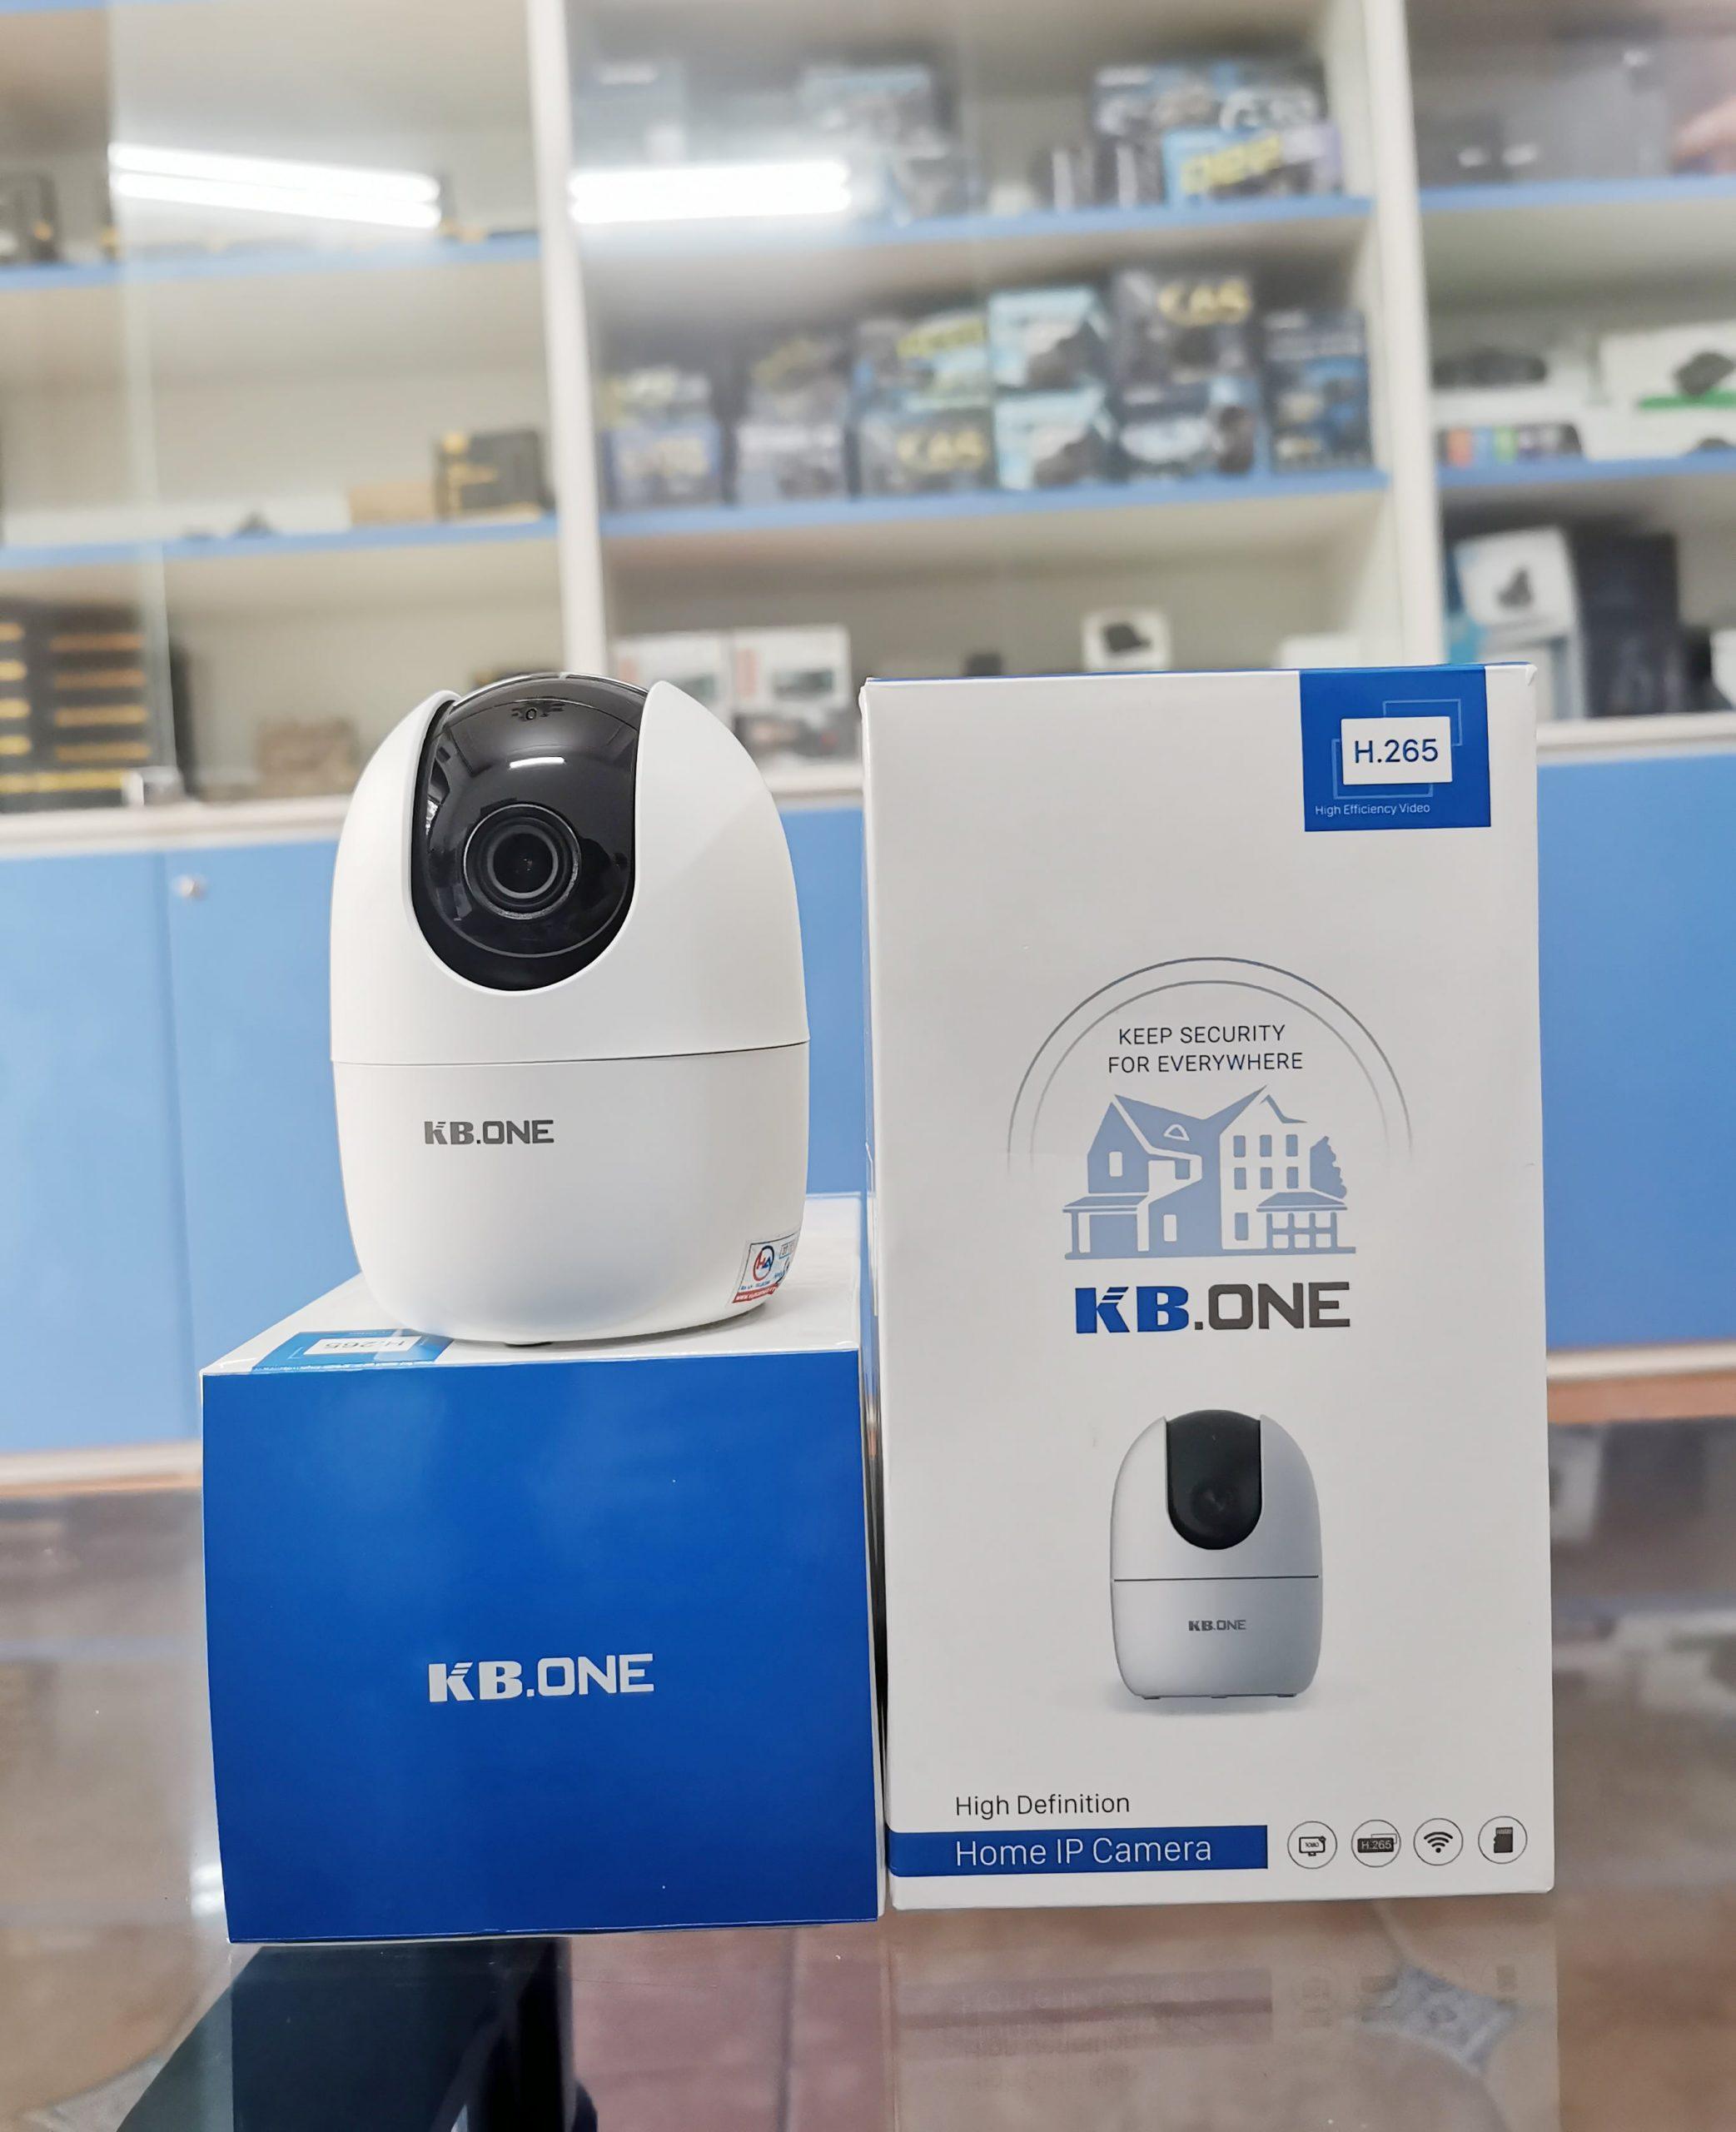 camera kbone chính hãng giá rẻ